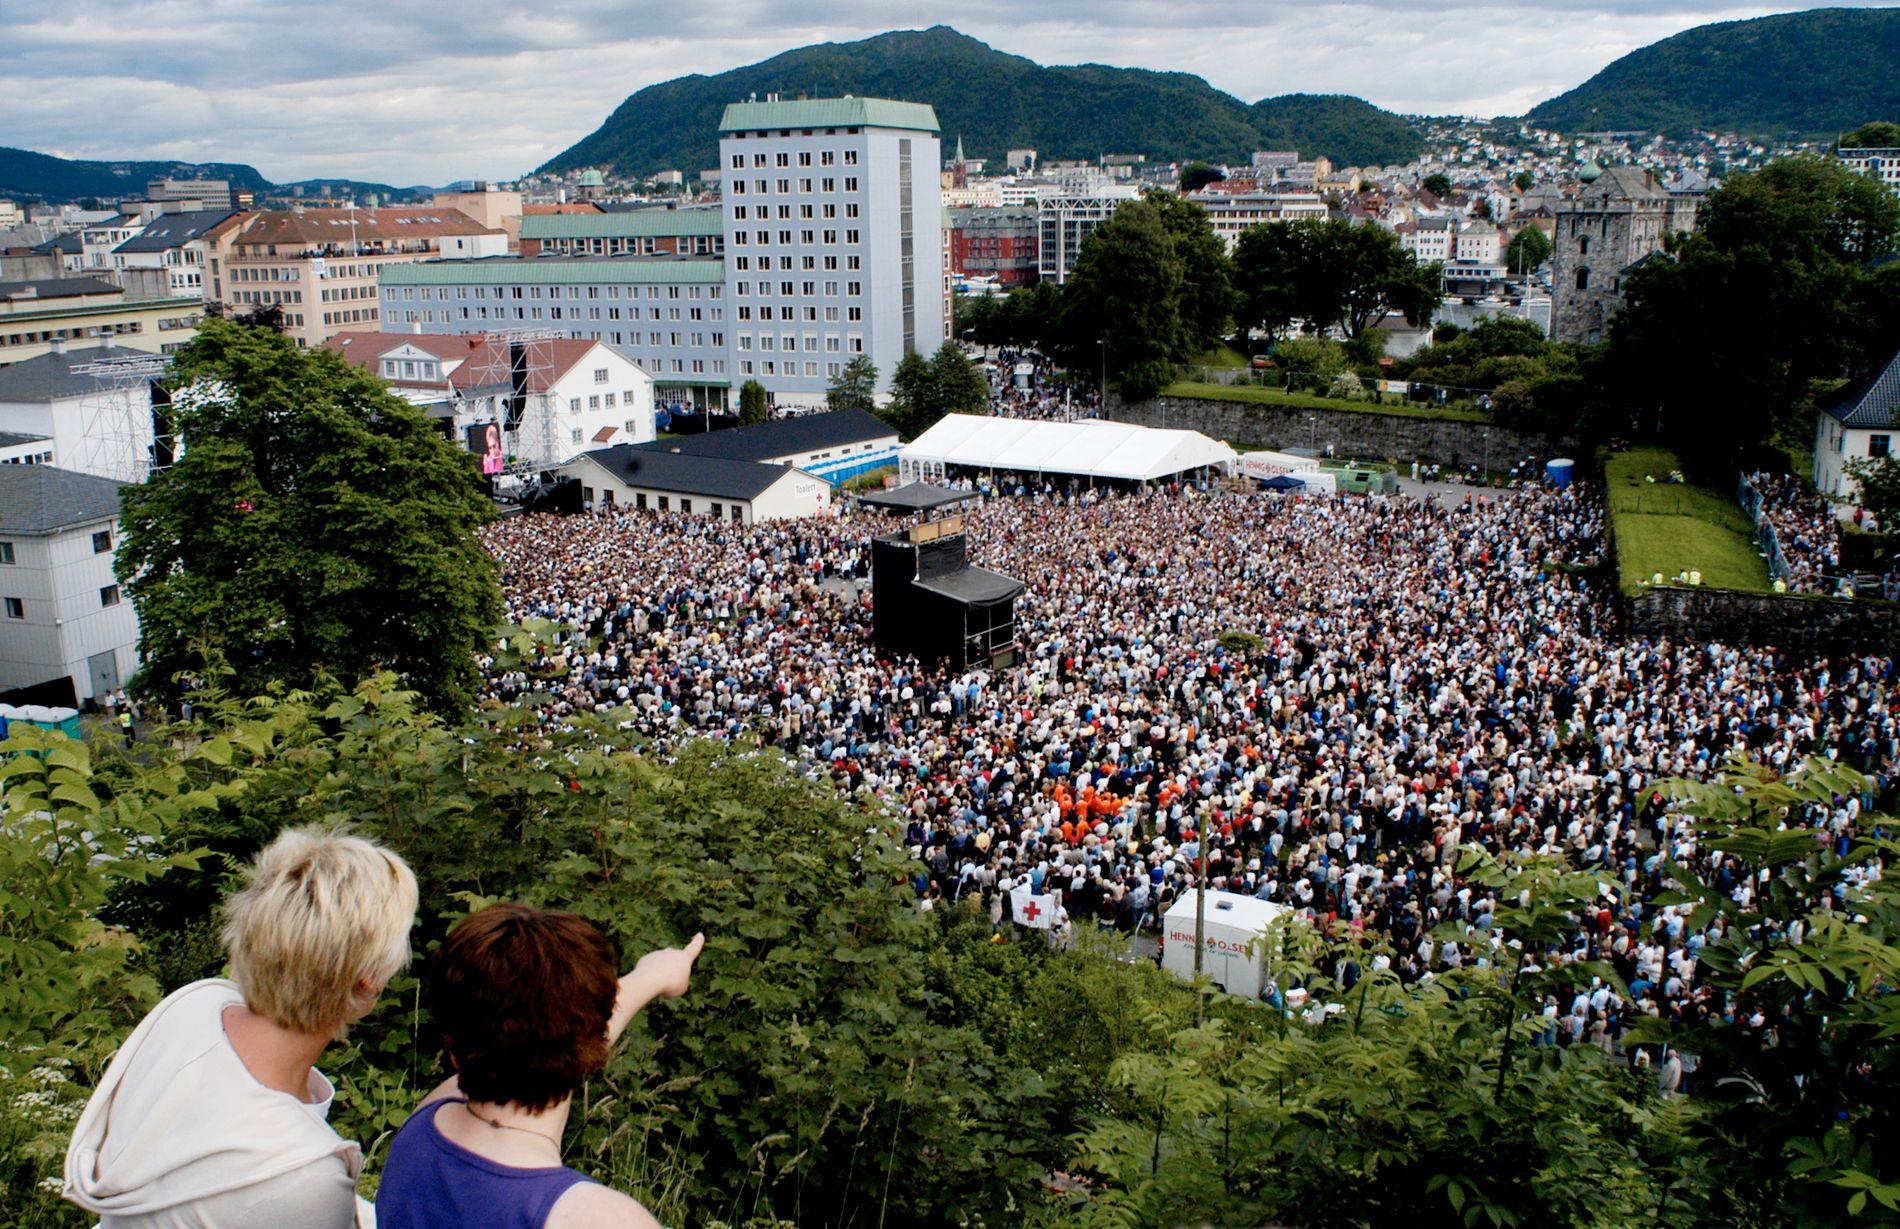 GRATISHAUGEN: Her ser vi utikten fra gratishaugen Sverresborg, like ved Koengen. Bildet er fra da Elton John spilte på Koengen i 2003.